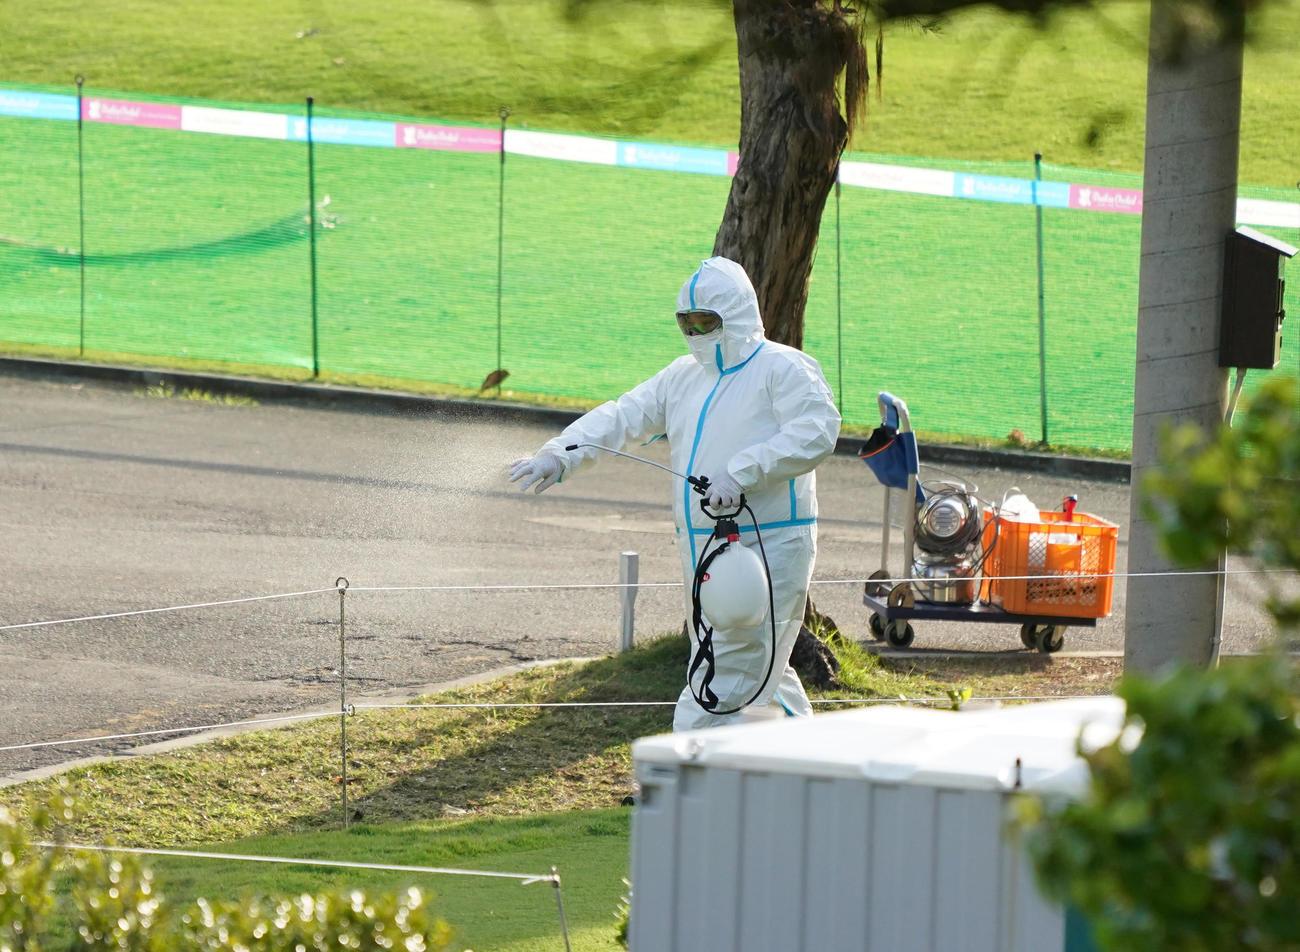 練習ラウンドが中止となったゴルフ場で消毒作業が行われる(撮影・清水貴仁)